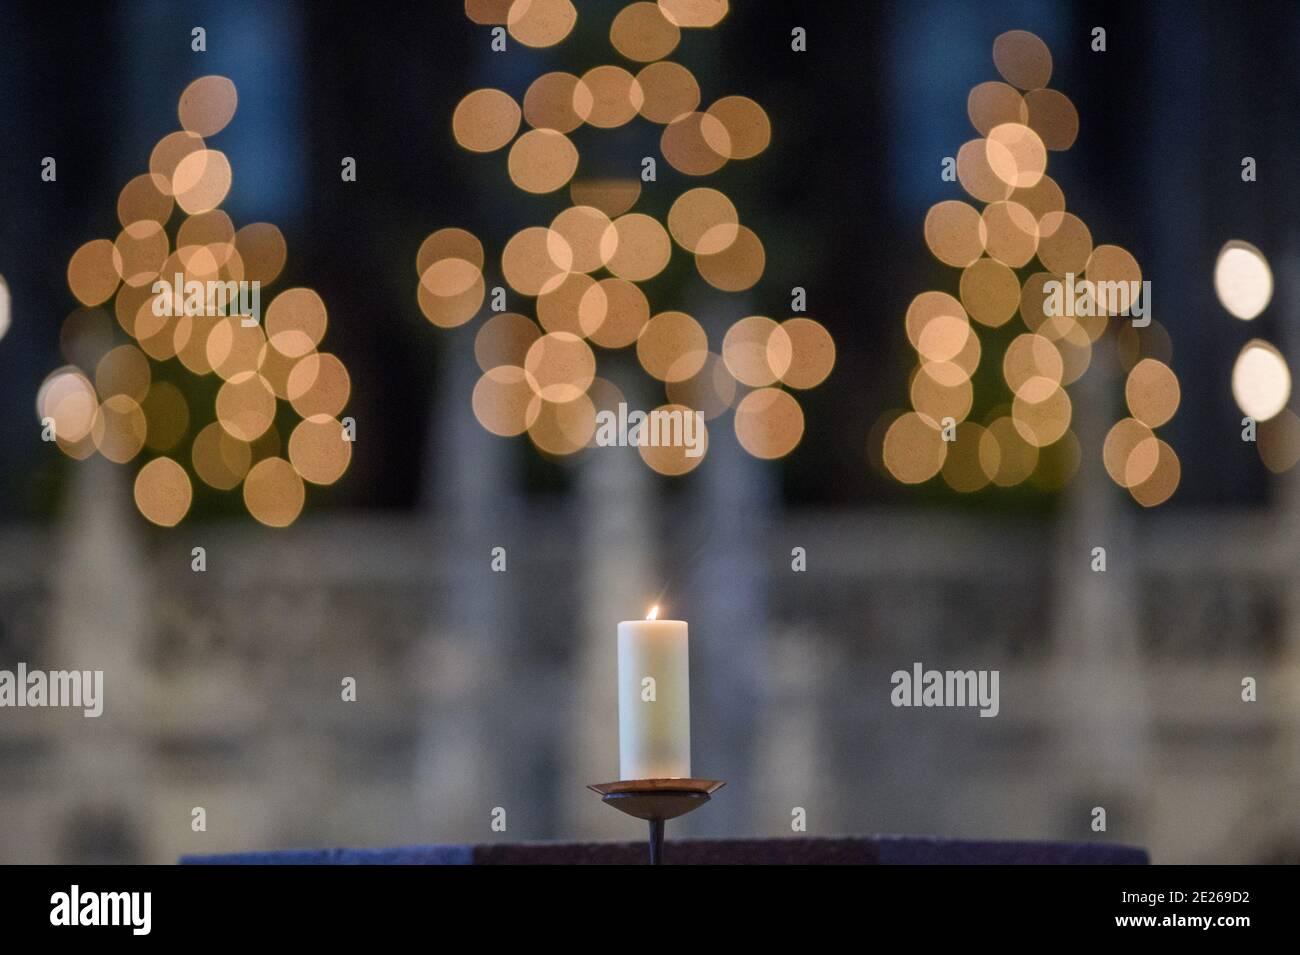 06 janvier 2021, Saxe-Anhalt, Magdebourg : une bougie brûle dans la cathédrale Saint-Maurice et Catherine à Magdebourg. En raison de la propagation du coronavirus, seuls 100 participants ont été autorisés pour le service. Epiphany est un festival d'église très ancien et est célébré le 6 janvier. Le mot, dérivé du grec, signifie «apparence» et se réfère à l'apparence de Dieu dans le monde avec la naissance du Christ. En Saxe-Anhalt, le 6 janvier est un jour férié. Dans l'Église catholique, le 6 janvier est célébré comme 'Epiphanie' ou le jour des trois Rois. Photo: Klaus-Dietmar Gabbert/dpa-Zentralbild/ZB Banque D'Images